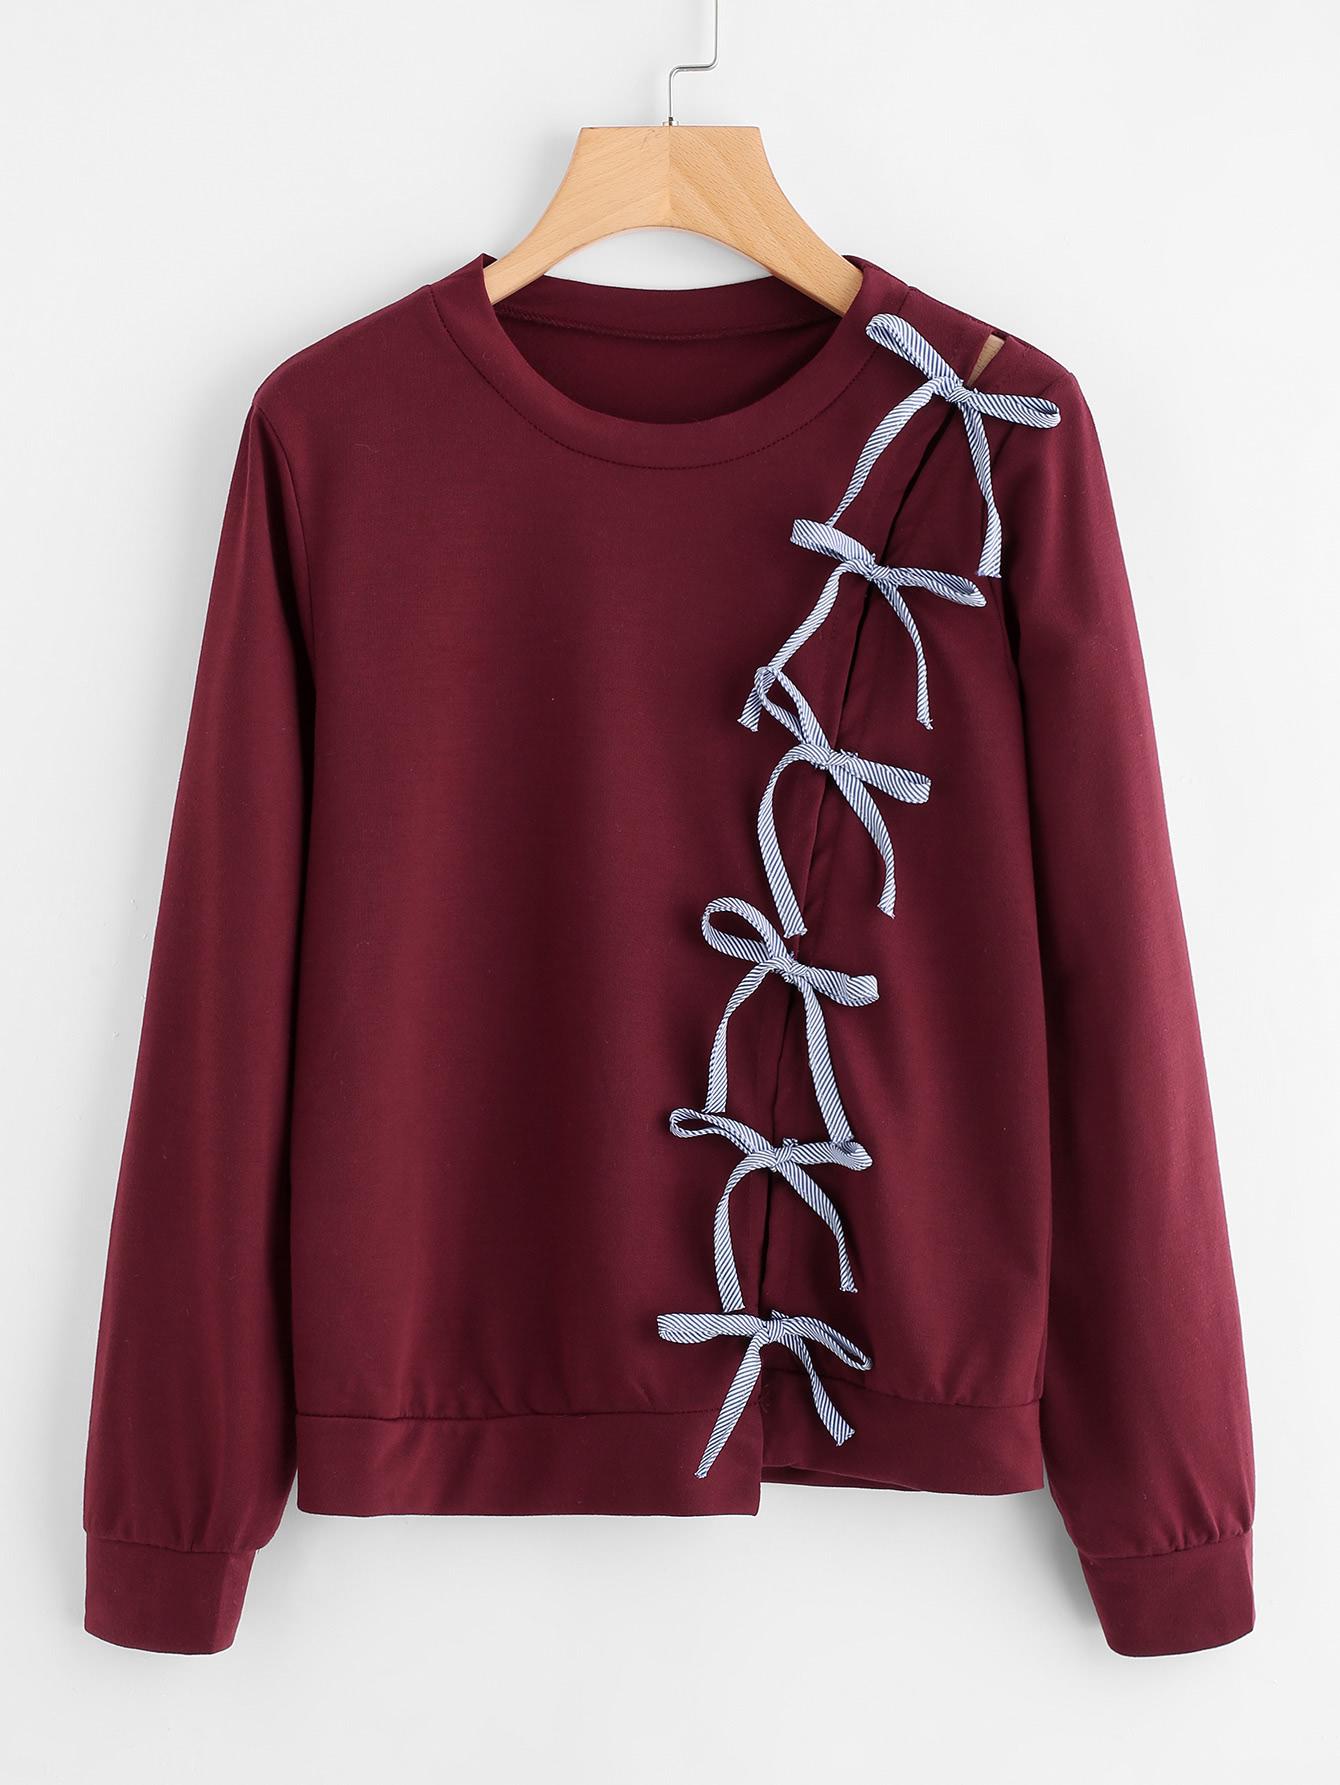 Bow Tie Detail Marled Sweatshirt tape detail drop shoulder marled sweatshirt